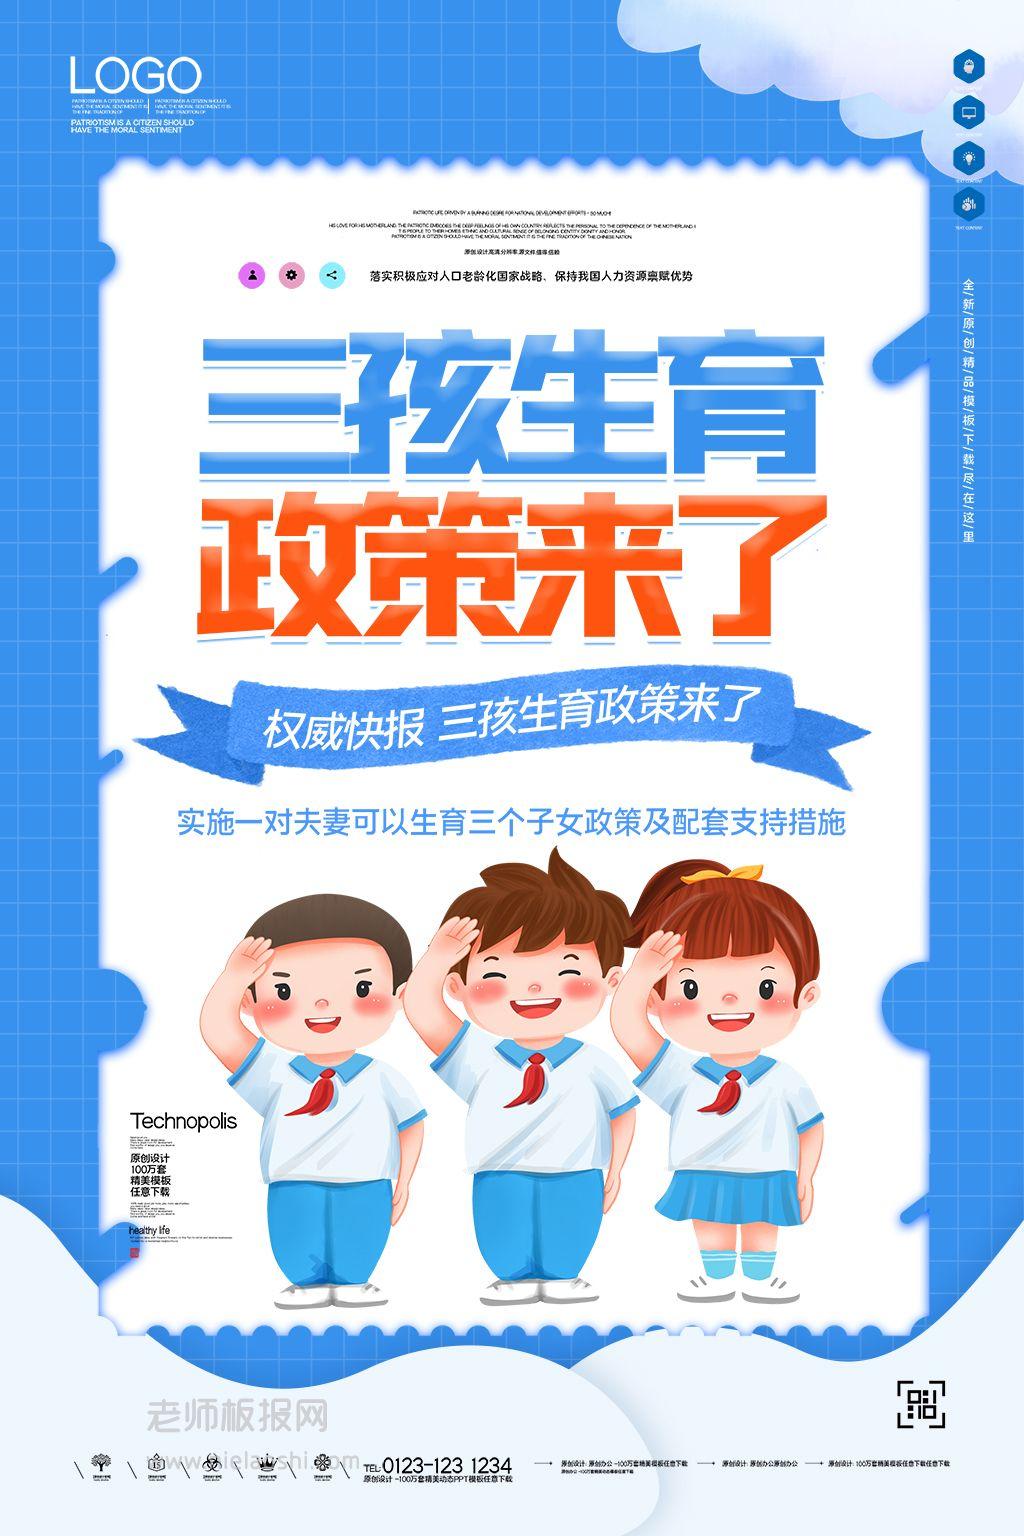 三孩生育政策竖版创意时尚宣传海报PSD